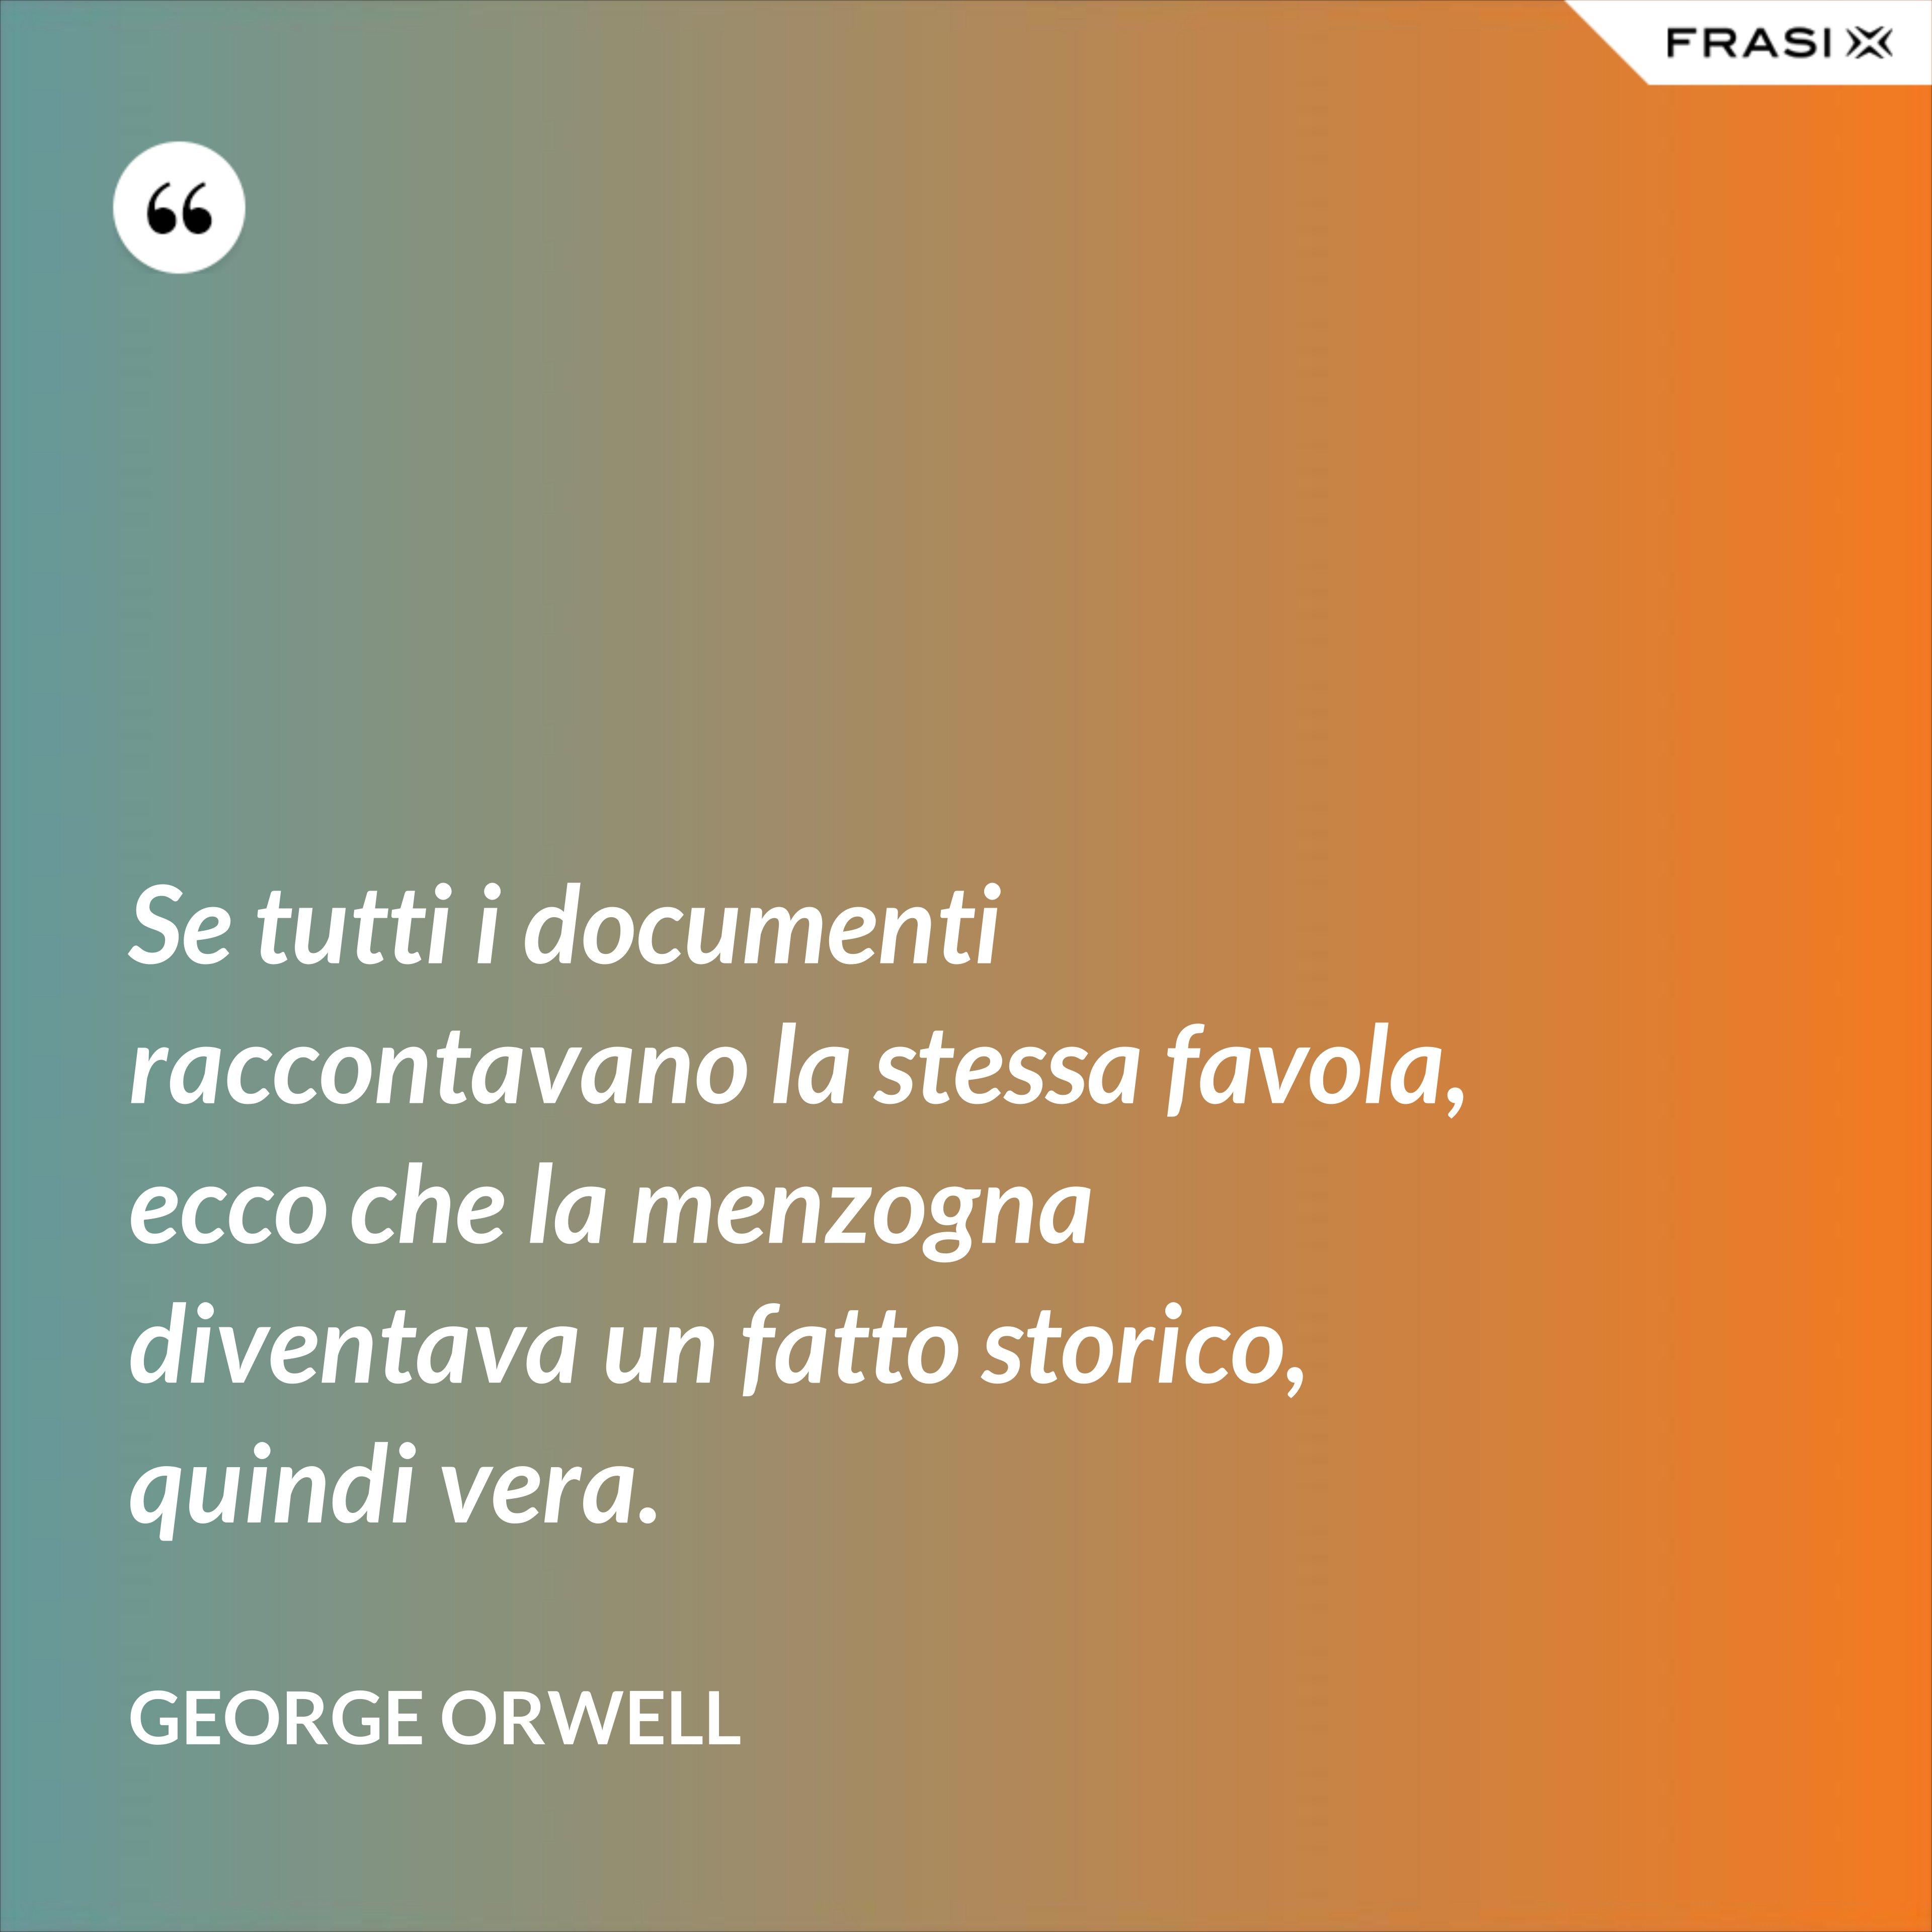 Se tutti i documenti raccontavano la stessa favola, ecco che la menzogna diventava un fatto storico, quindi vera. - George Orwell